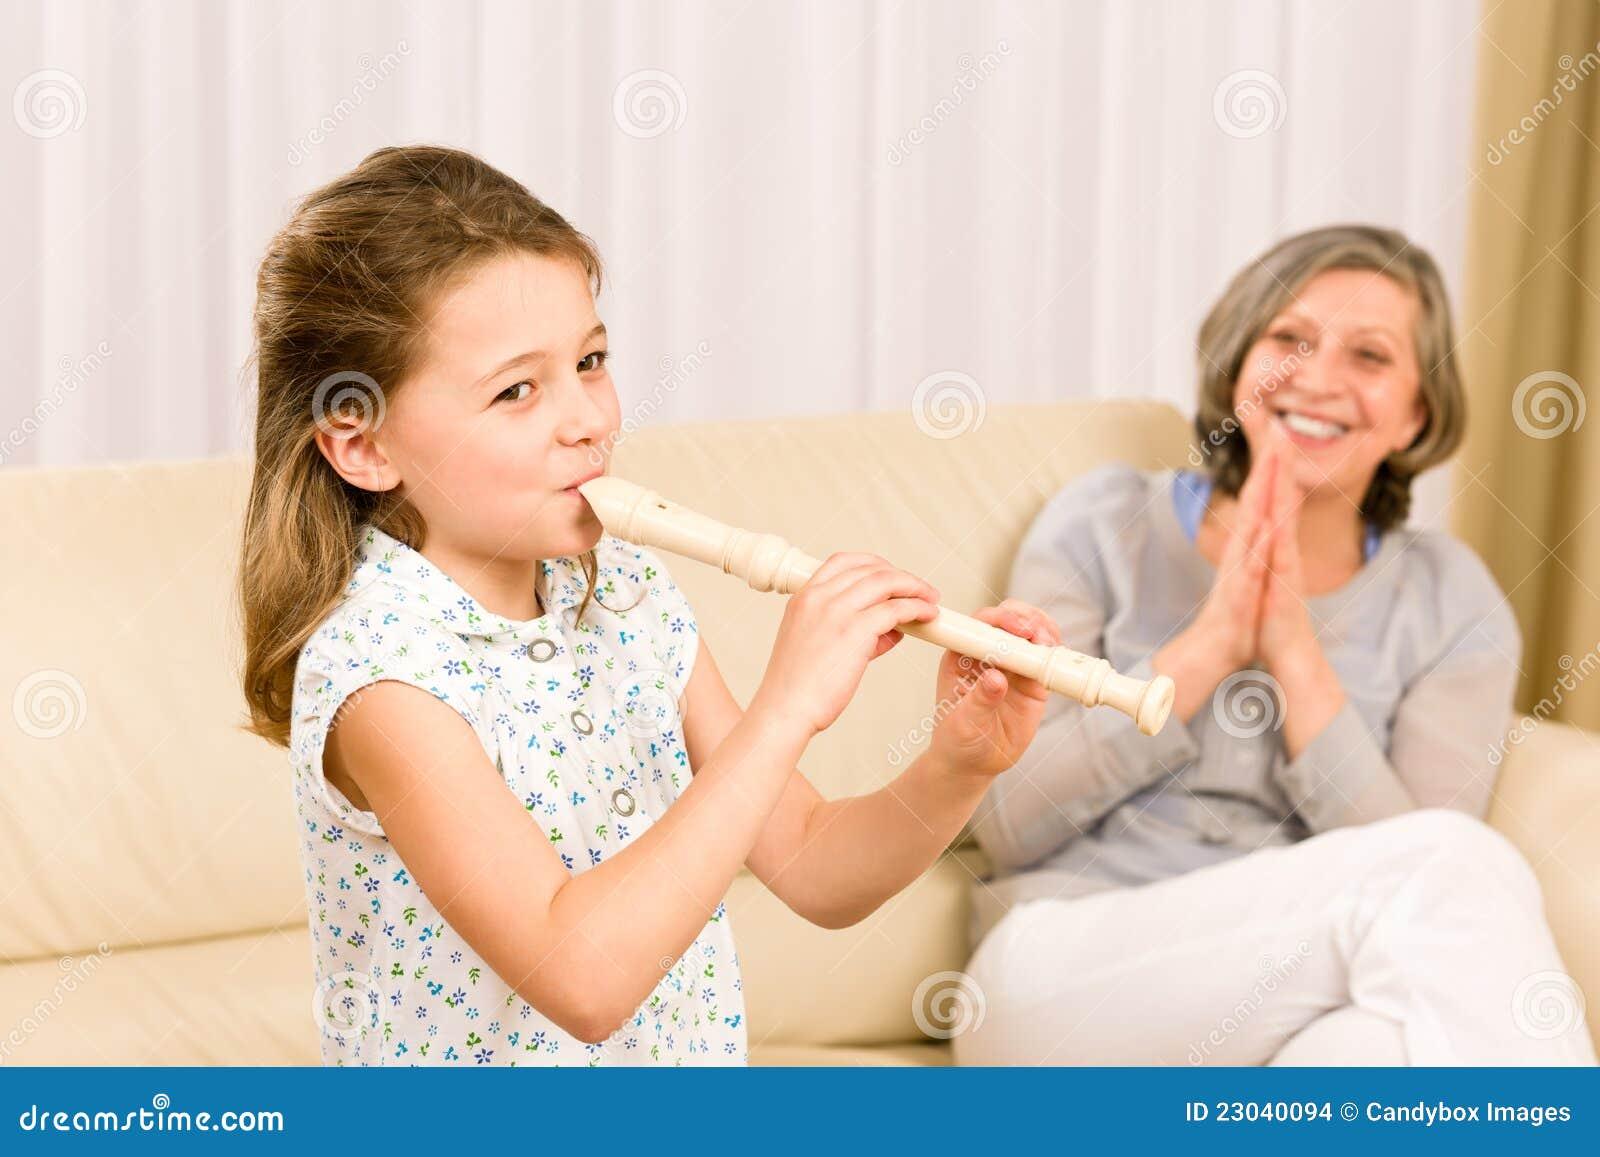 Flauta del juego de la chica joven con la abuela orgullosa